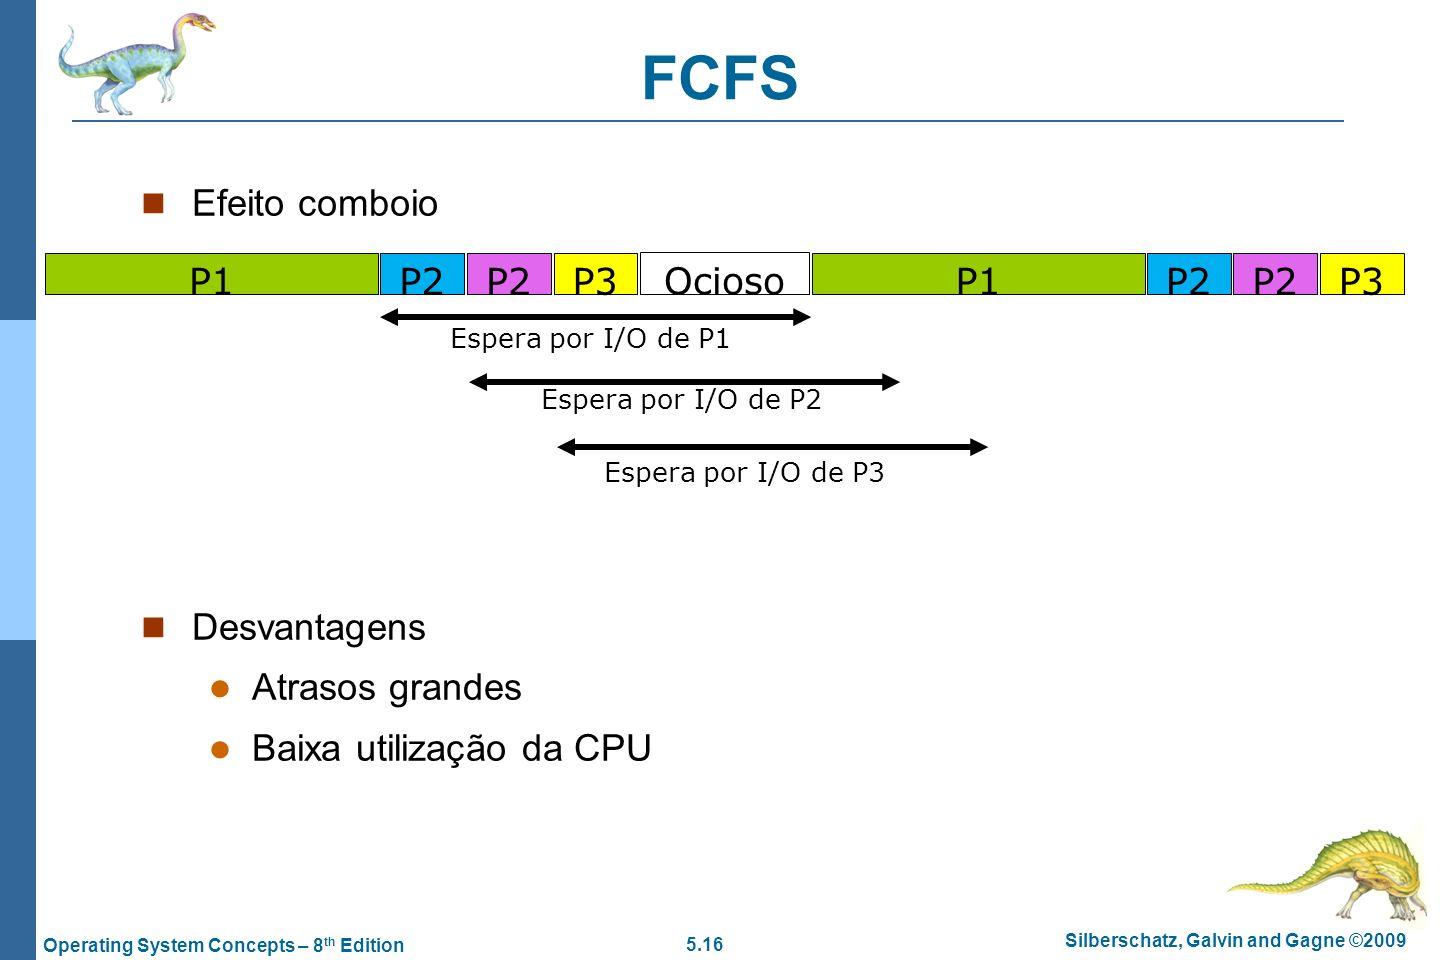 5.16 Silberschatz, Galvin and Gagne ©2009 Operating System Concepts – 8 th Edition FCFS Efeito comboio Desvantagens Atrasos grandes Baixa utilização d